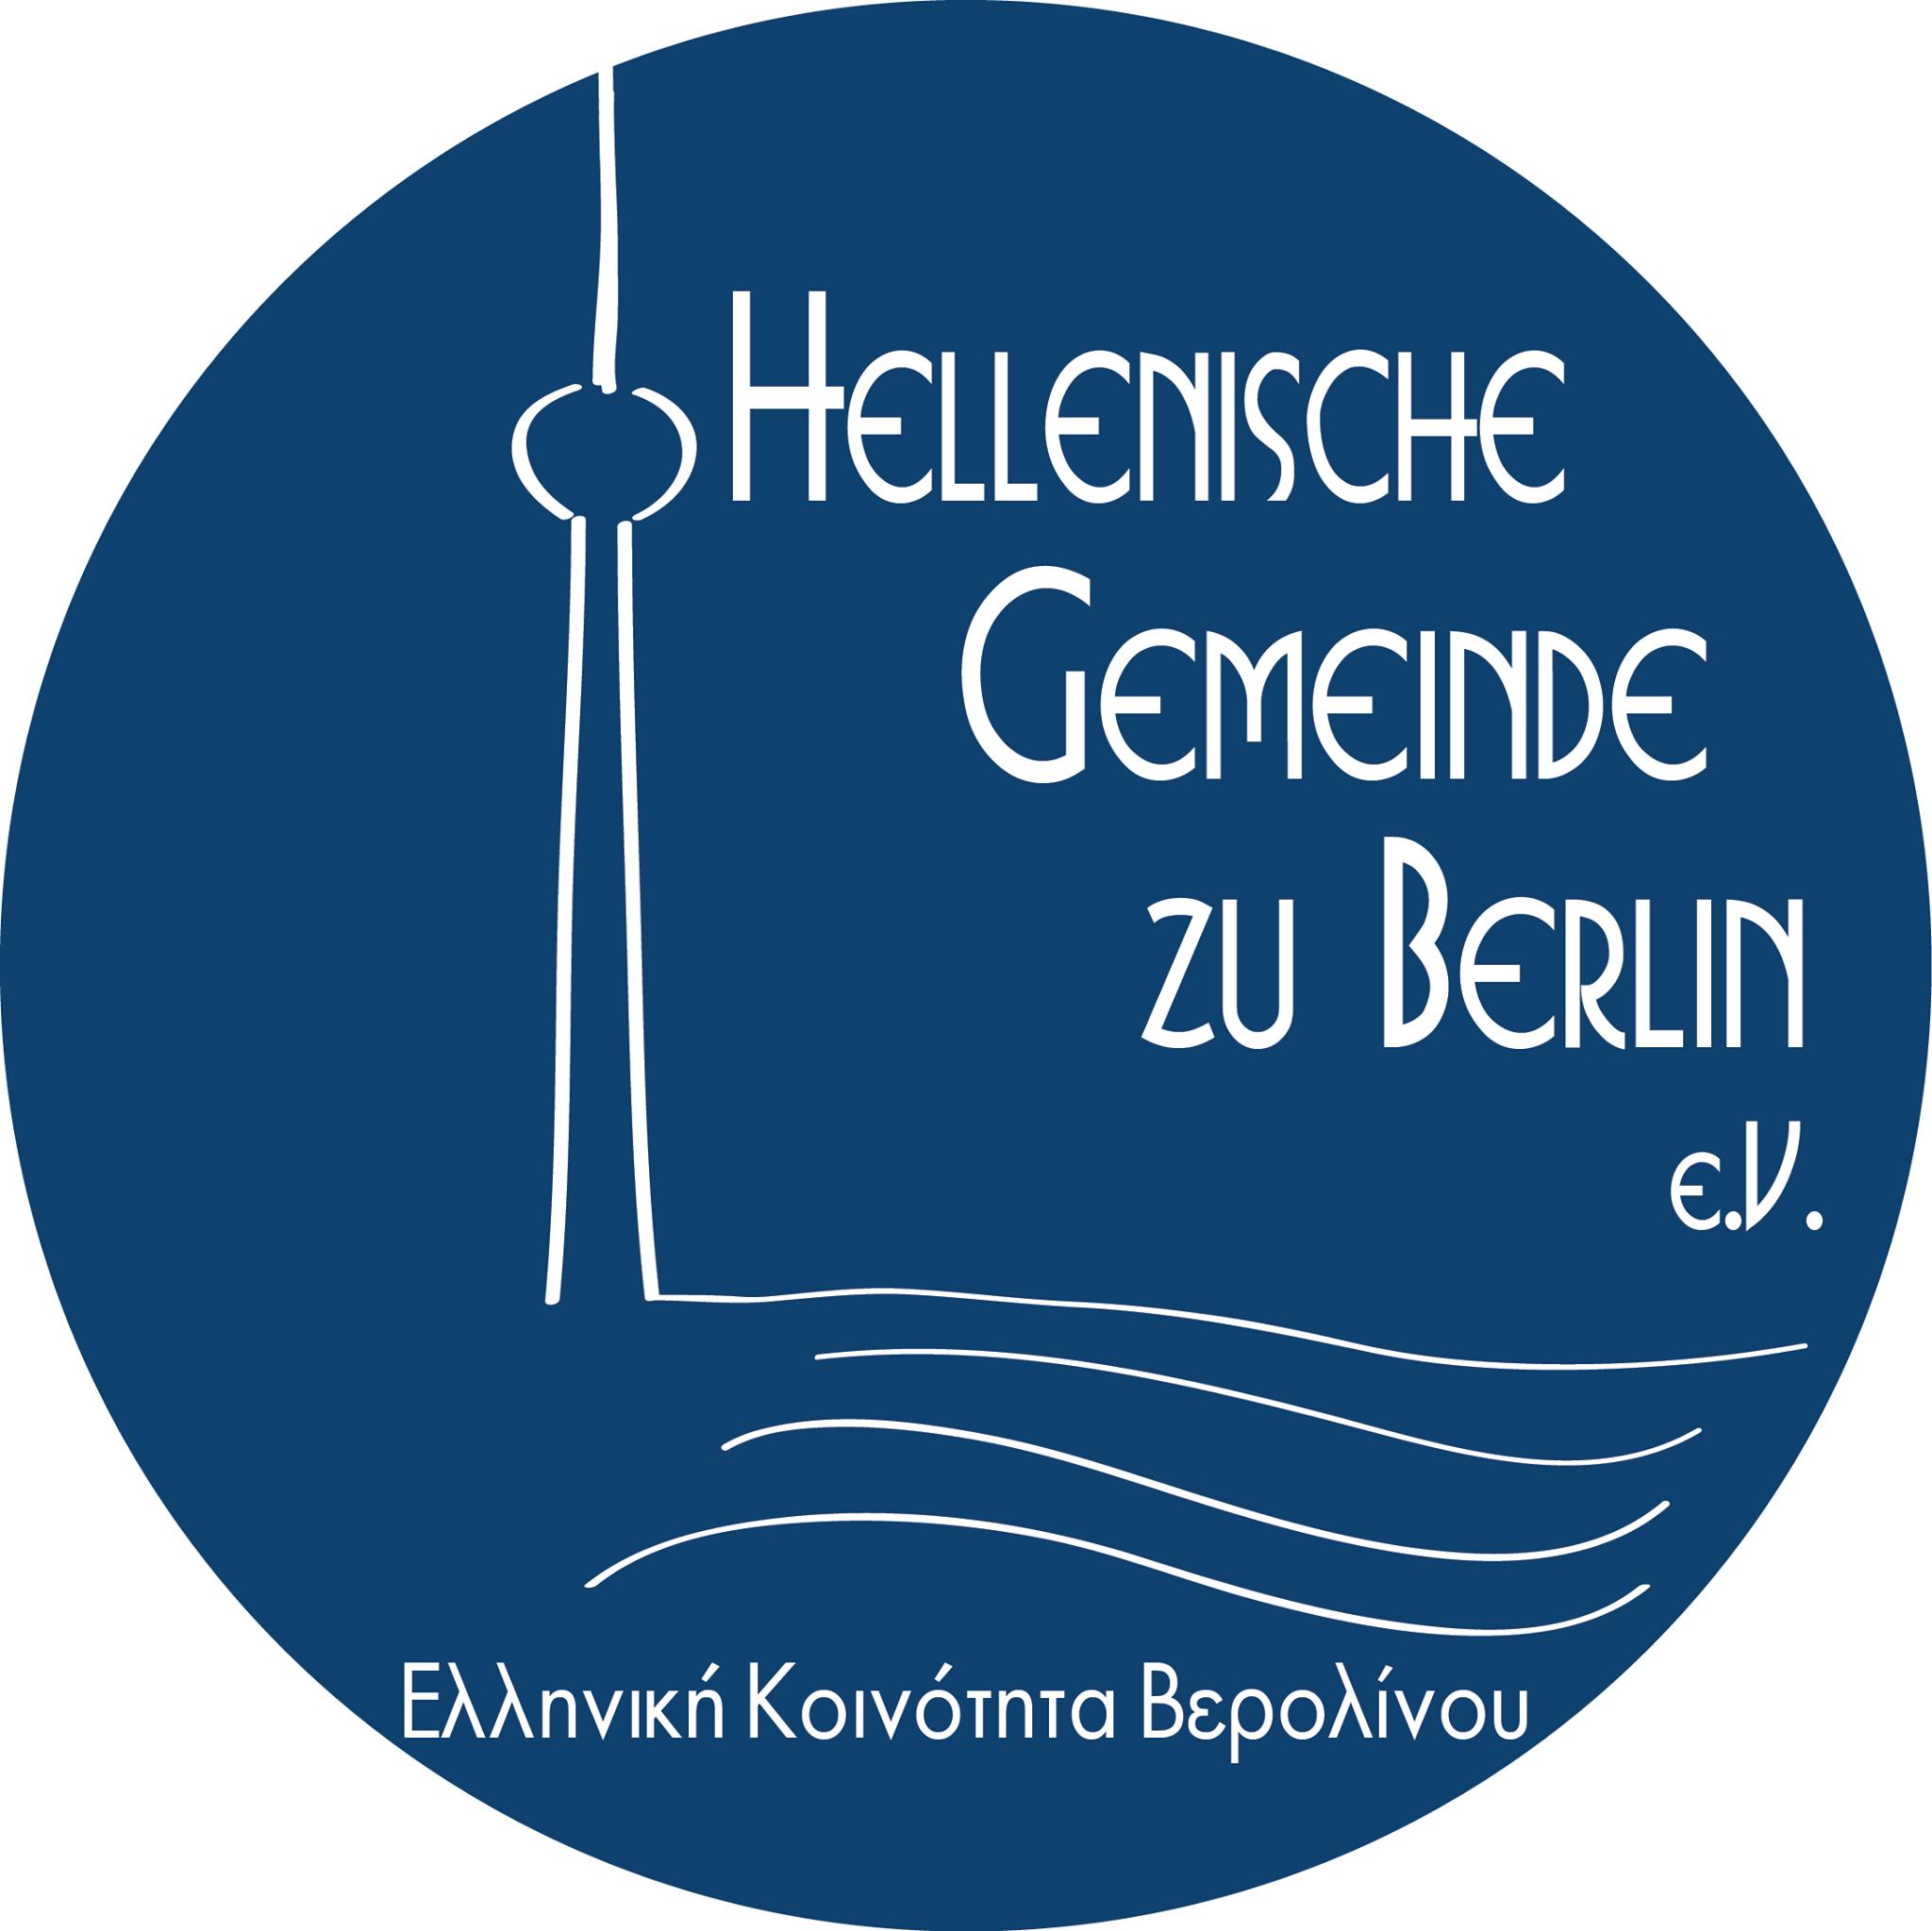 Ελληνική Κοινότητα Βερολίνου